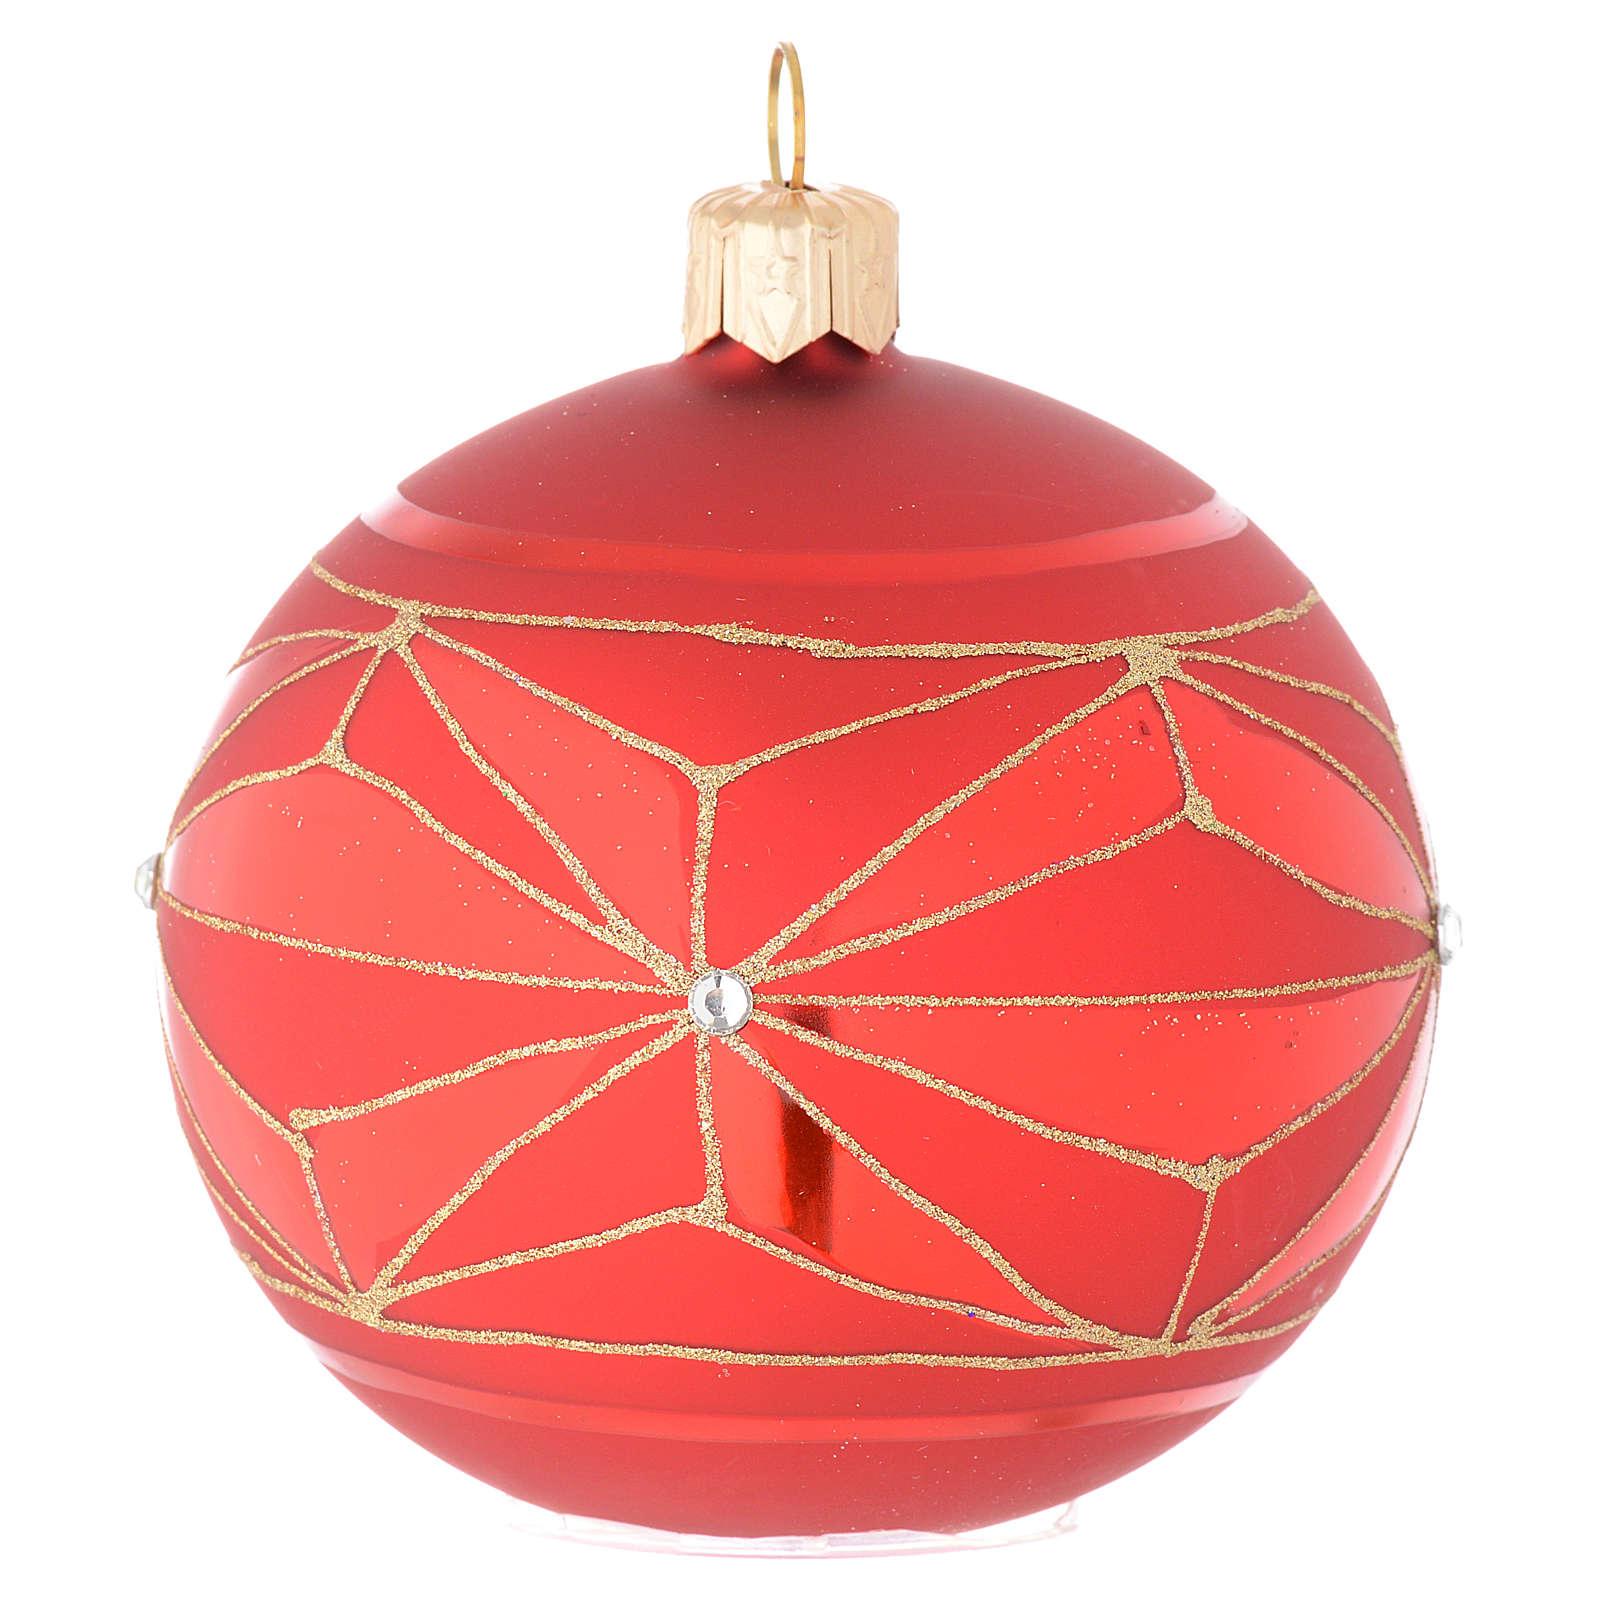 Bola de Navidad de vidrio con decoraciones geométricas doradas 80 mm 4